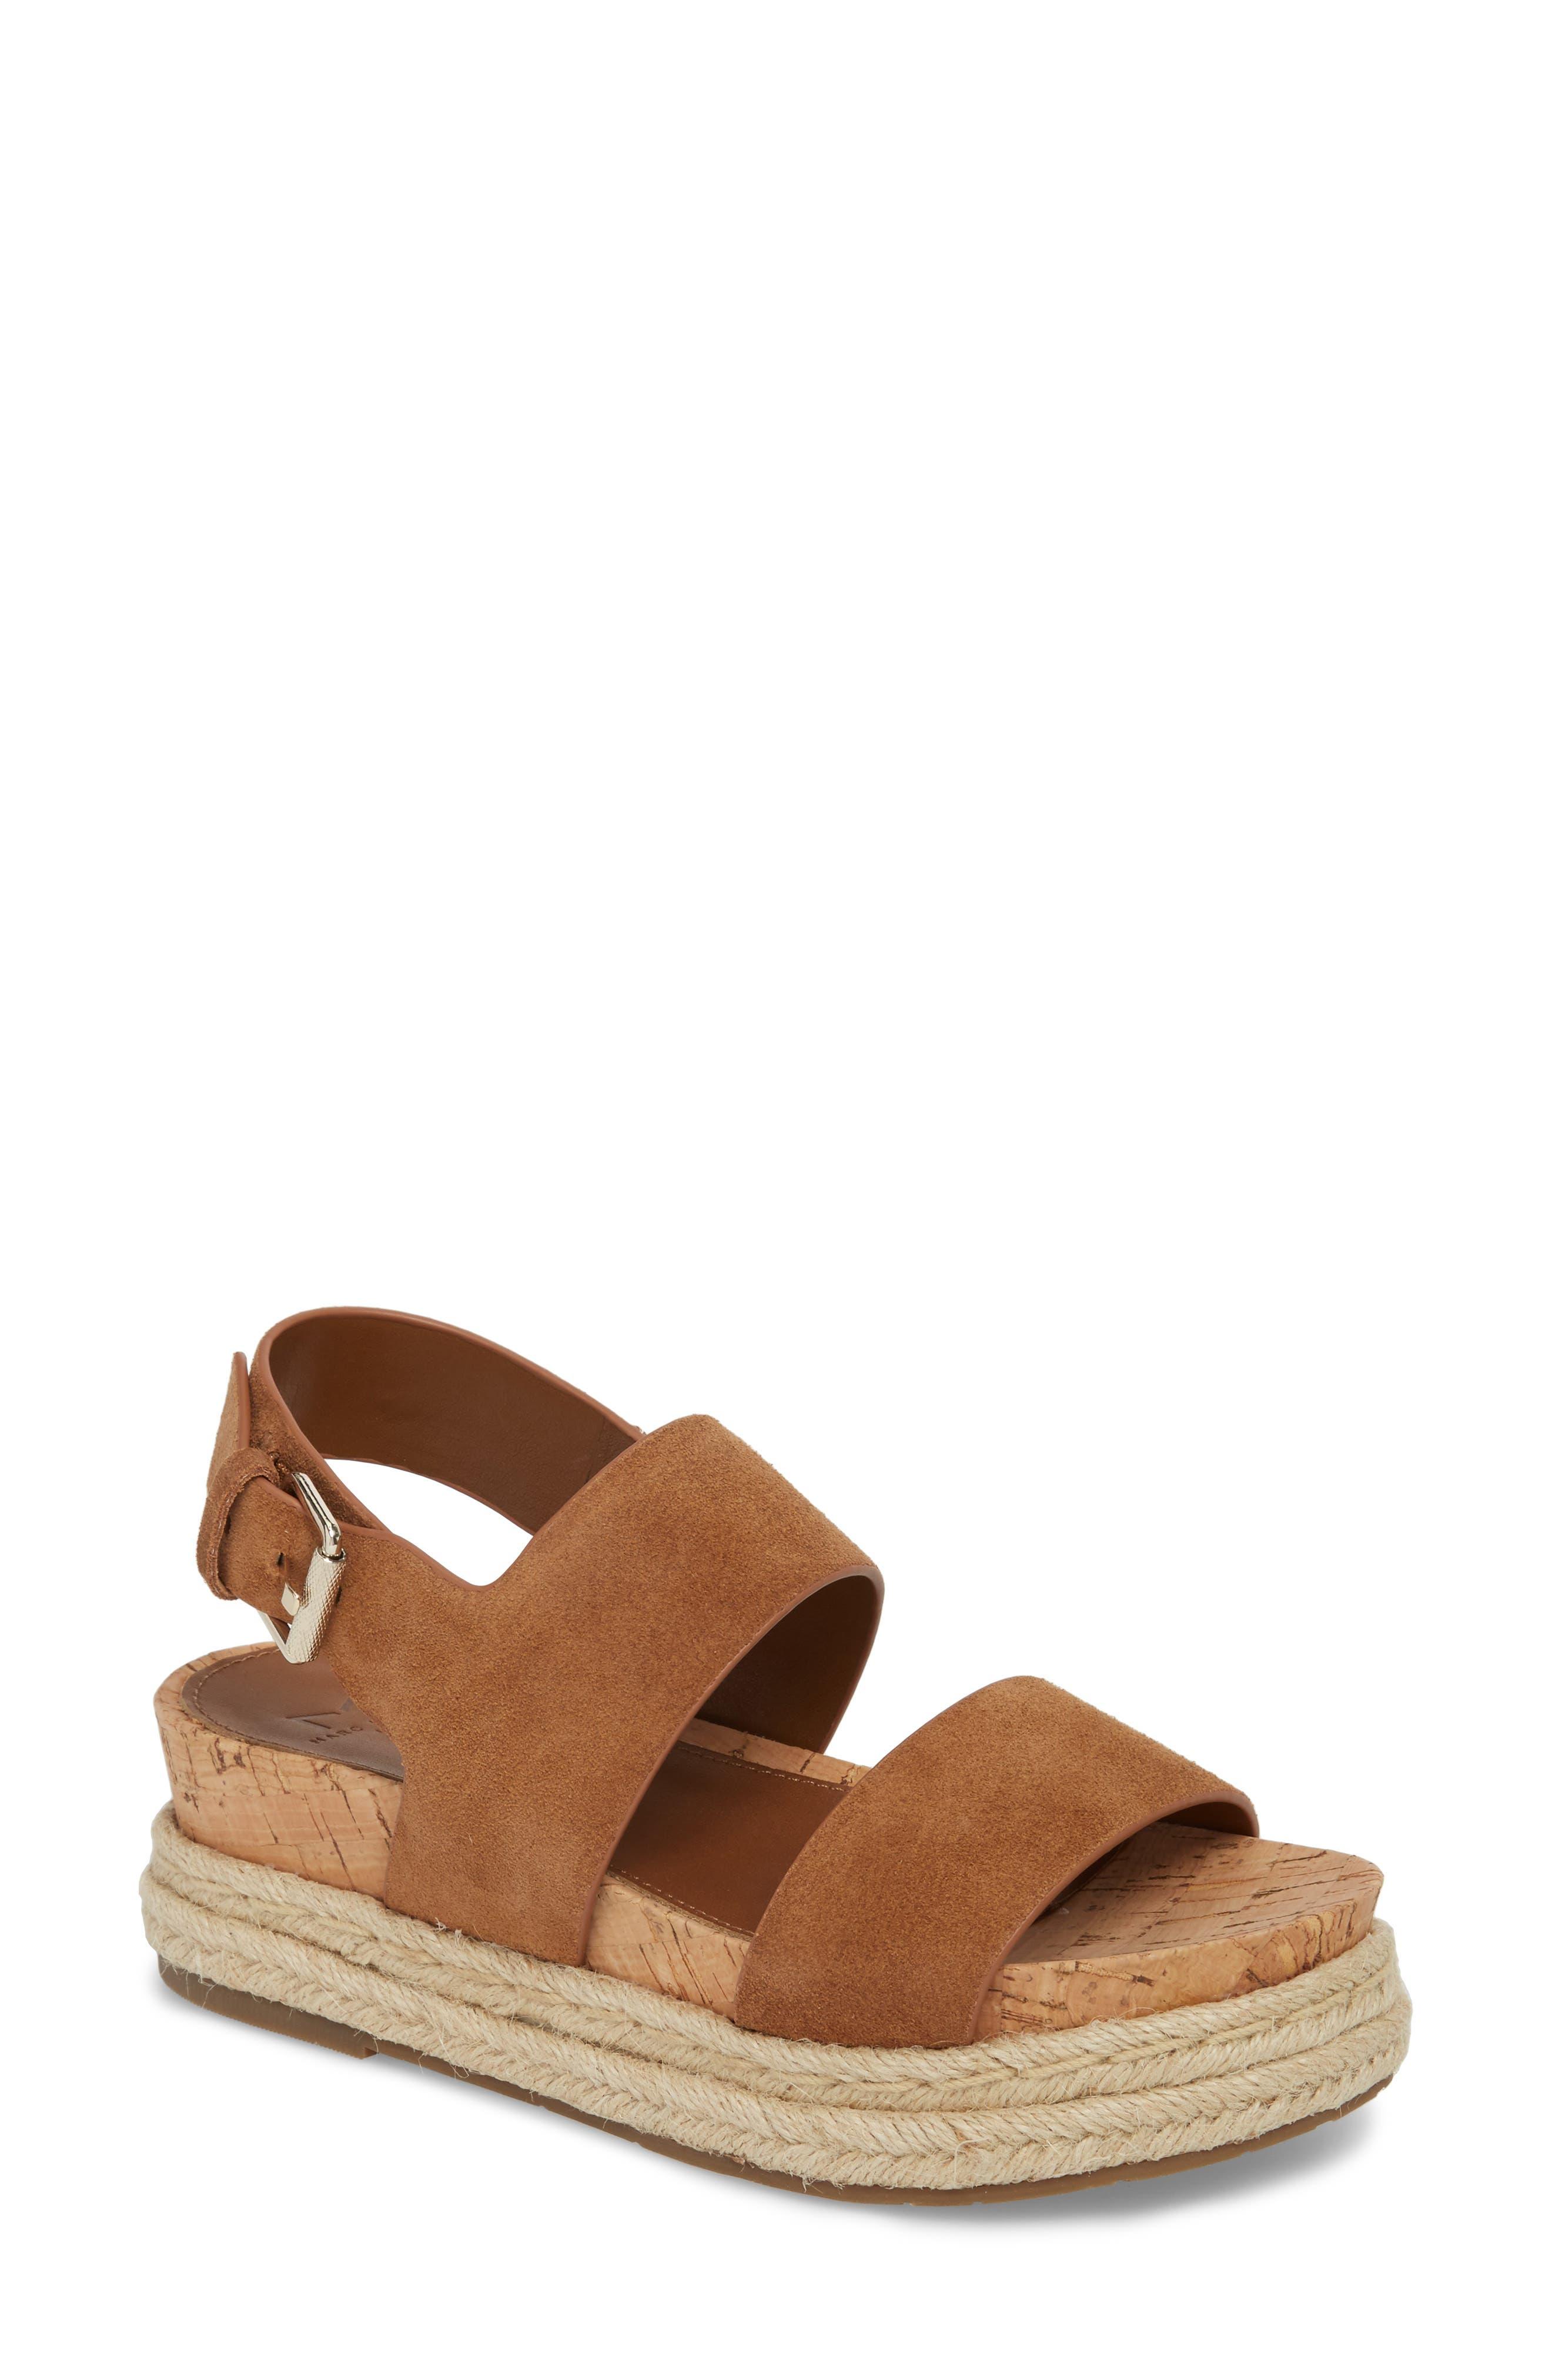 Oria Espadrille Platform Sandal,                             Main thumbnail 1, color,                             COGNAC SUEDE